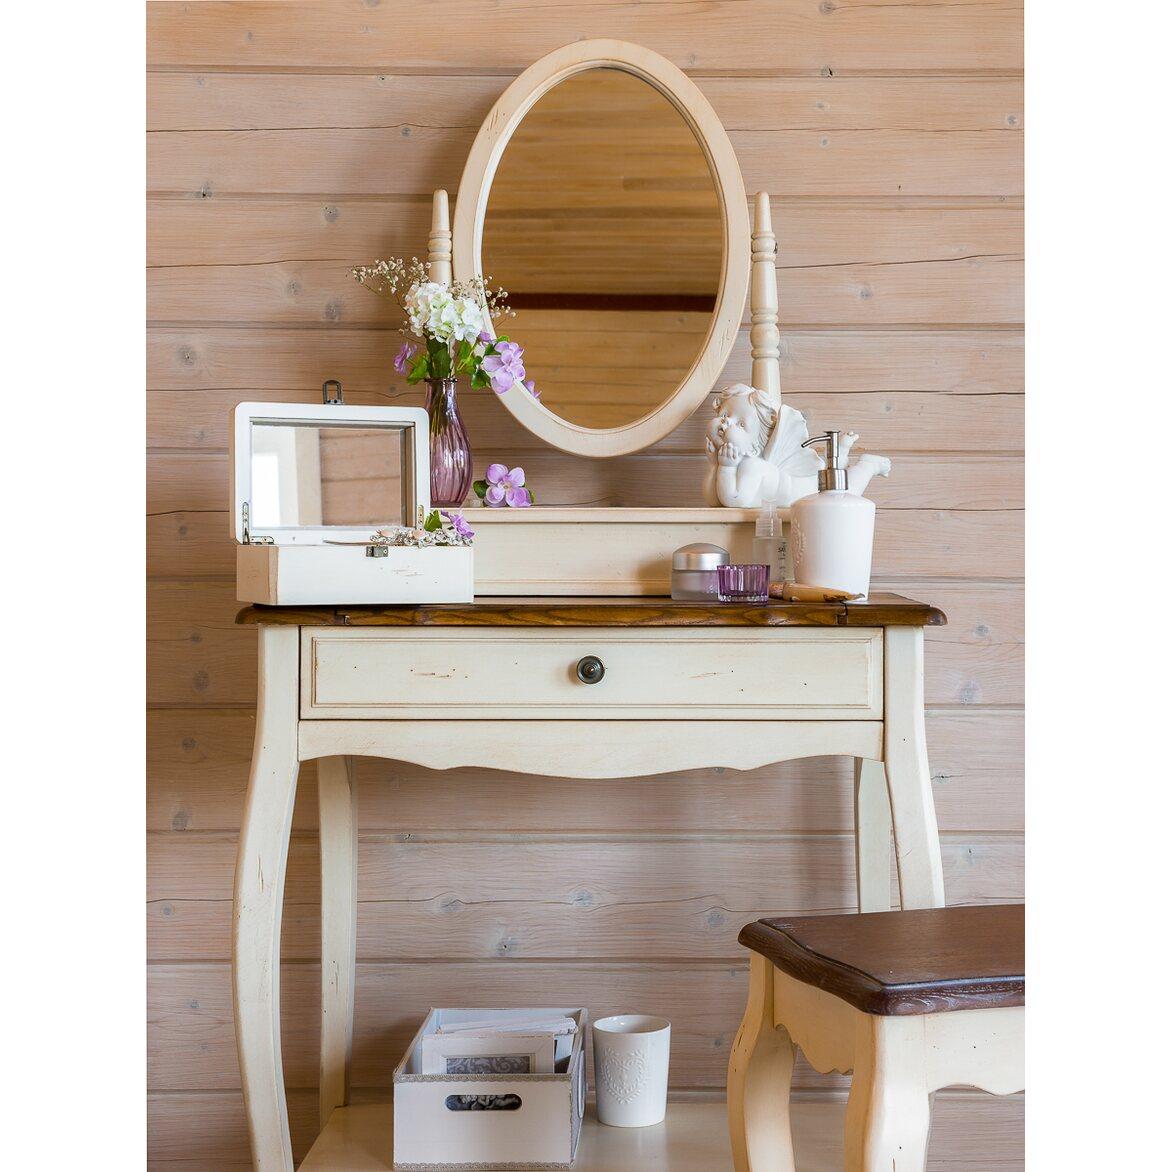 Туалетный столик с овальным зеркалом Leontina, бежевого цвета 2   Туалетные столики Kingsby